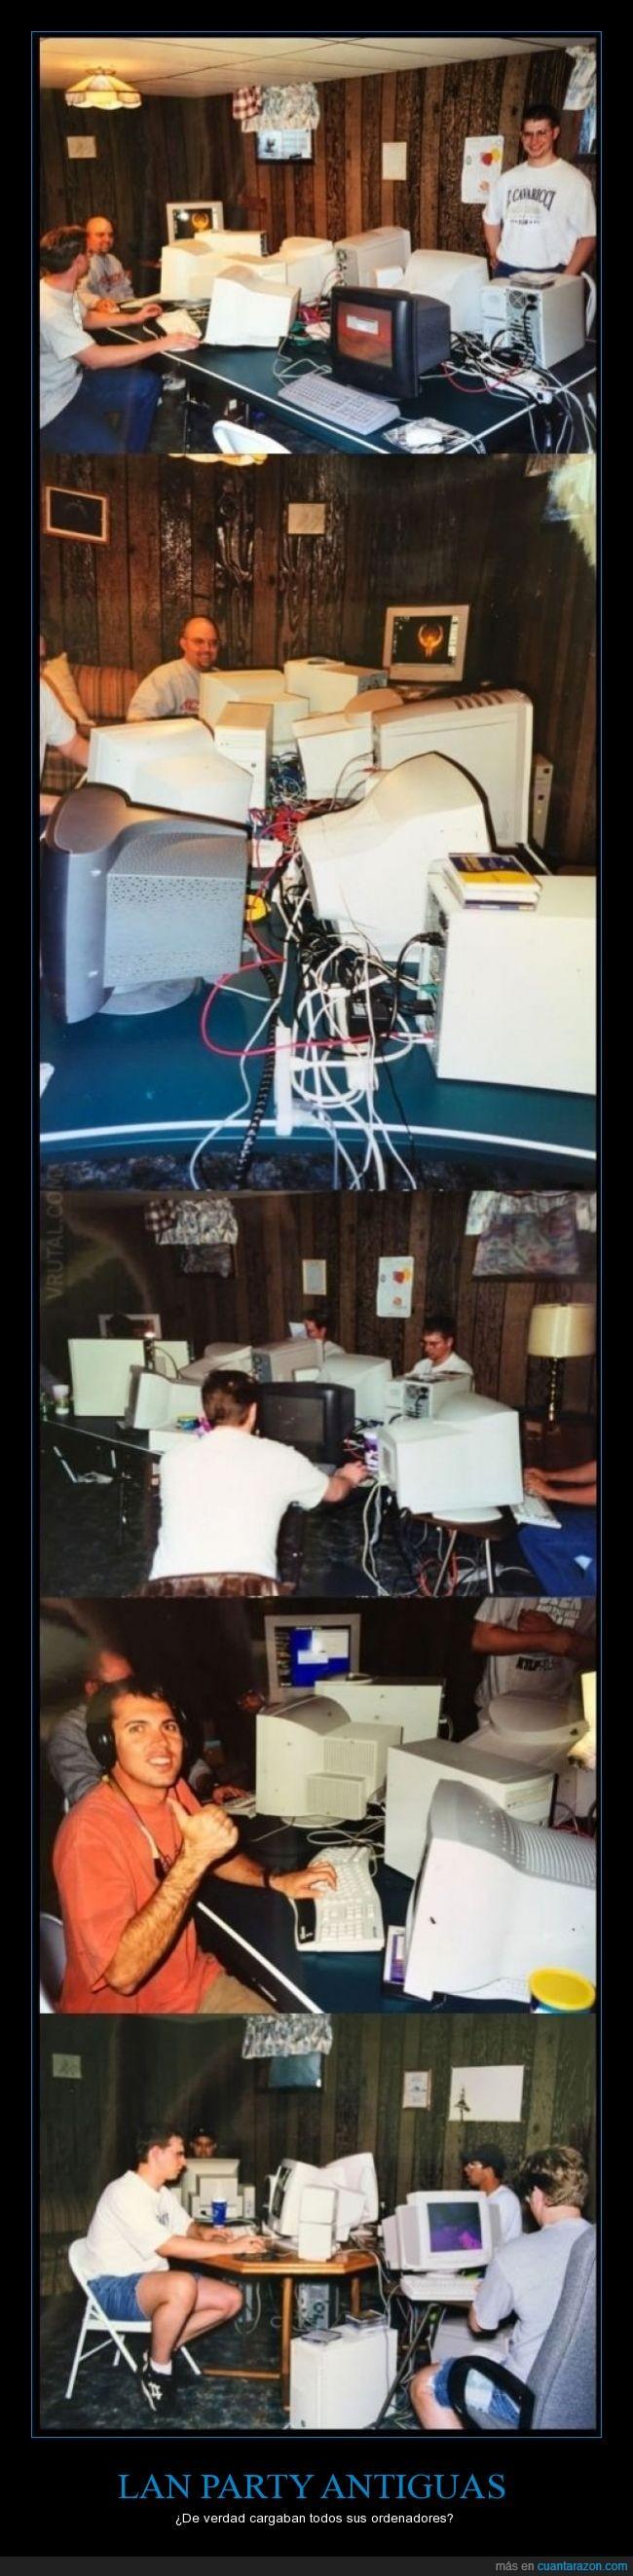 antiguo,gamer,jugar,lan party,ordenador,pantalla,tiempos mejores,torre,videojuegos,viejo